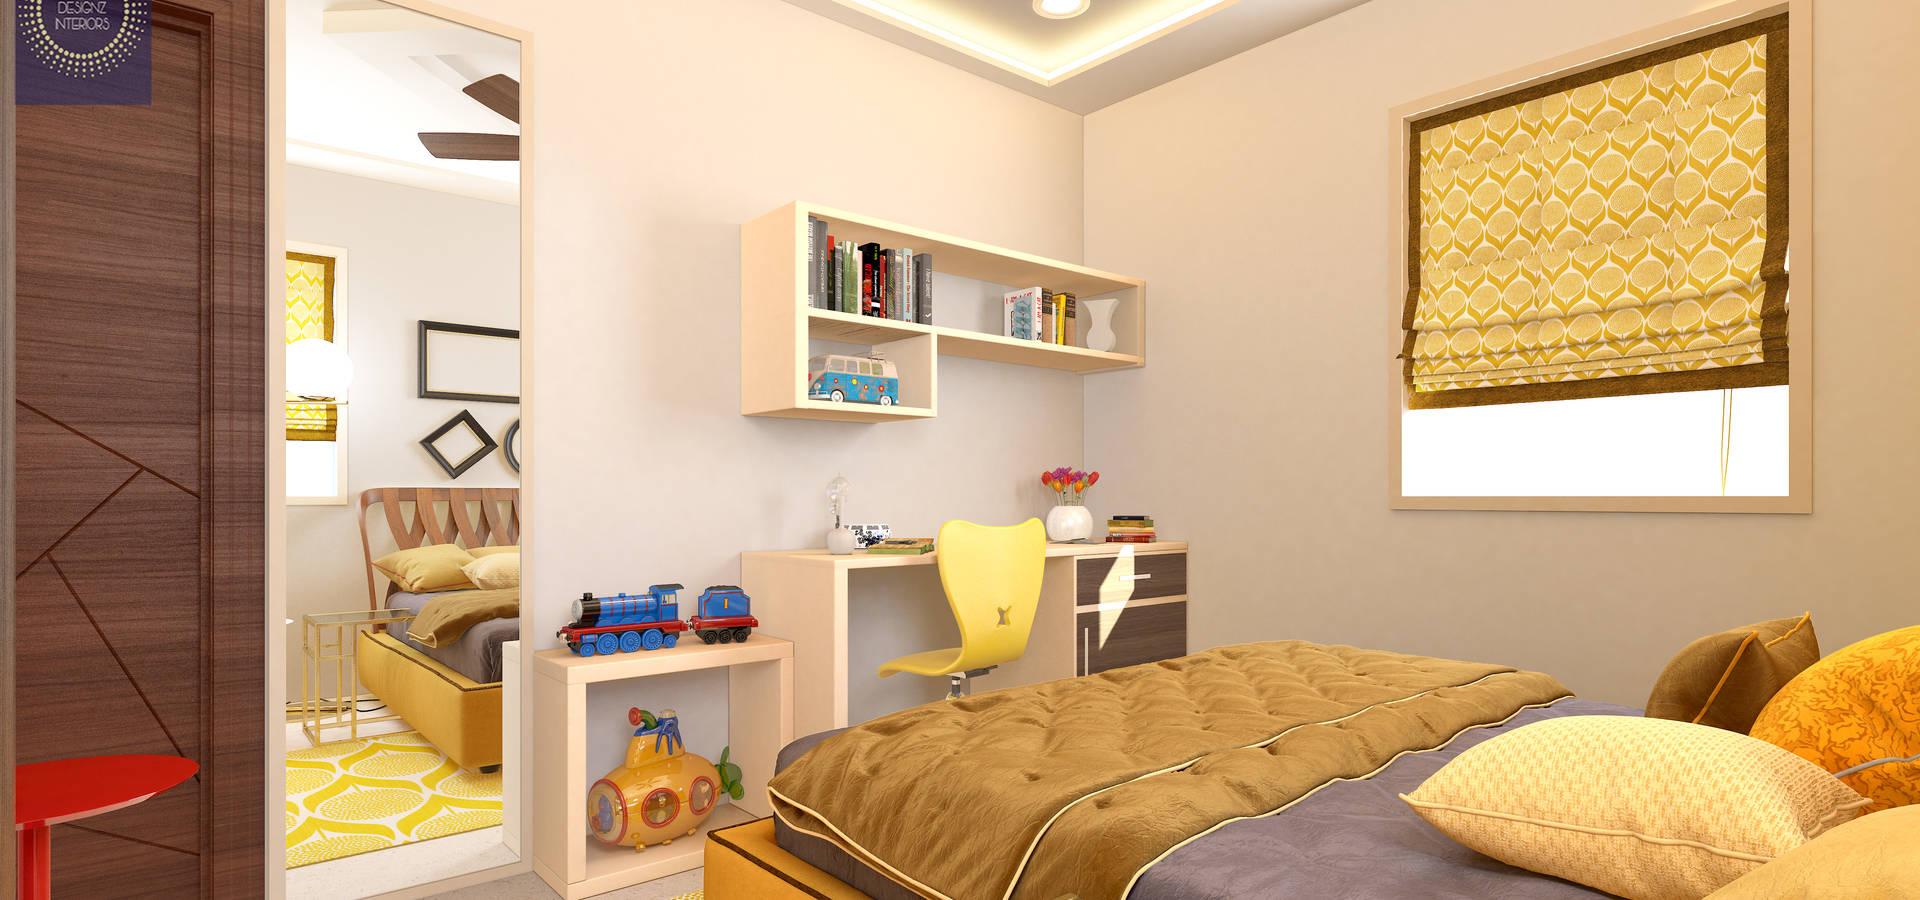 iCraft Designz&Interiors